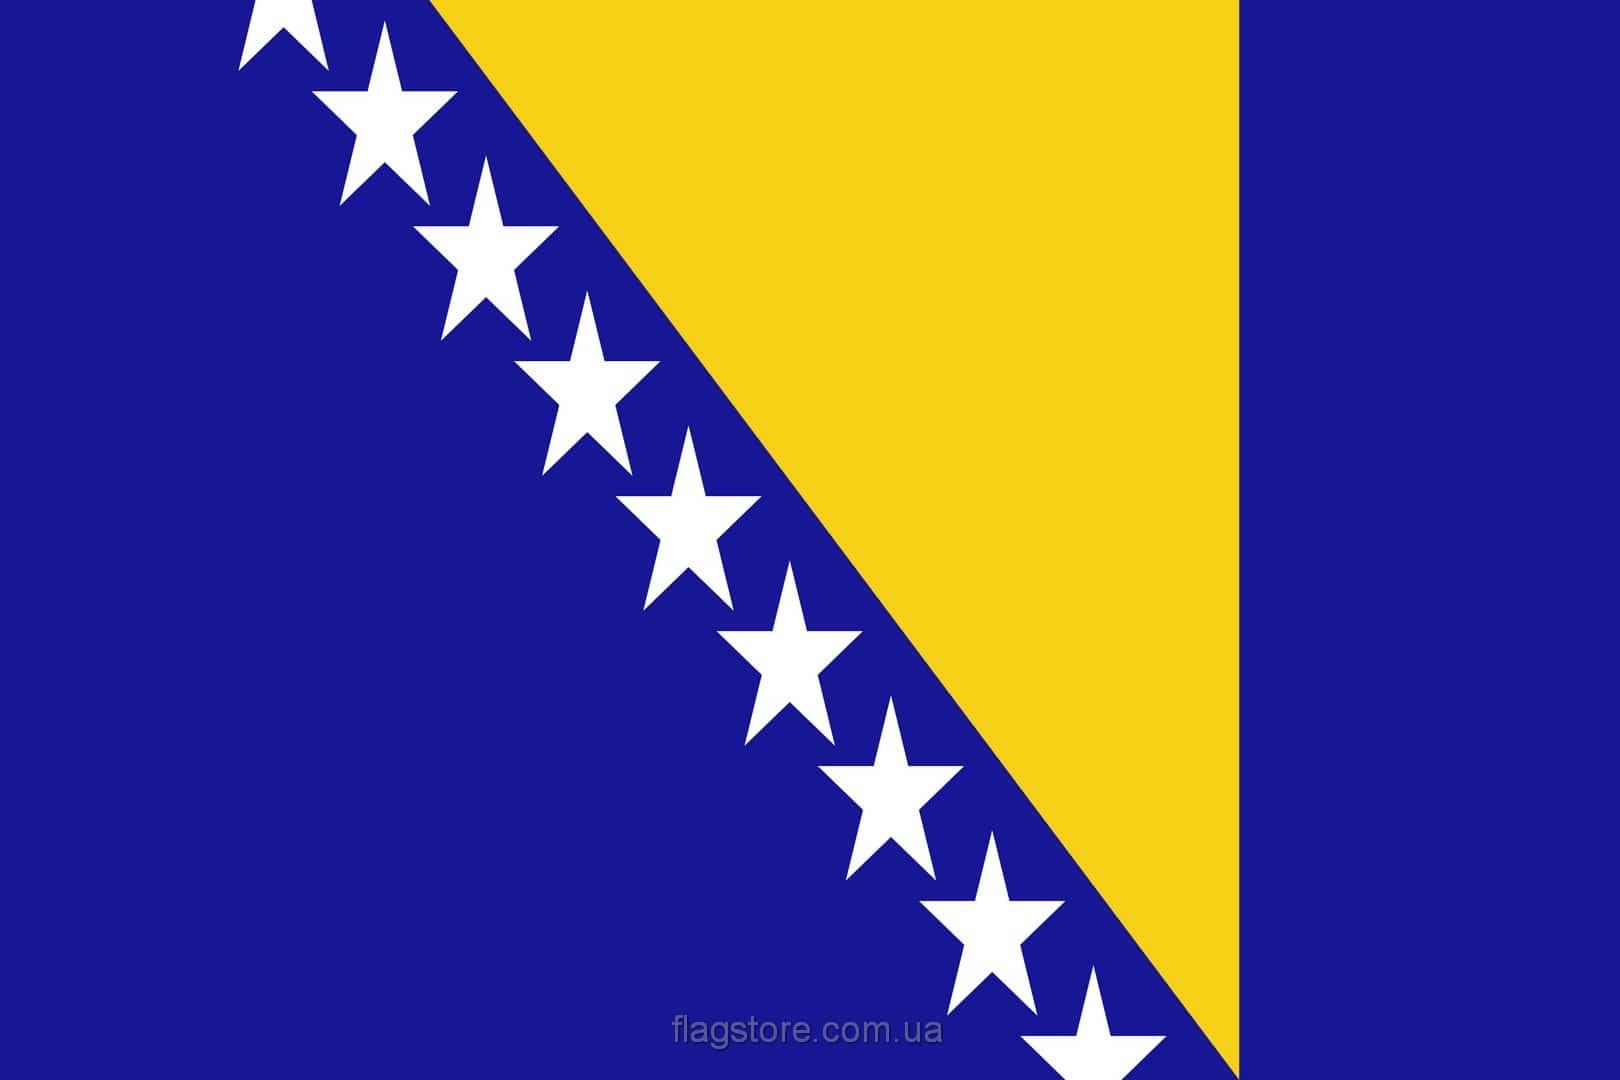 Купить флаг Боснии и Герцеговины (страны Босния и Герцеговина)